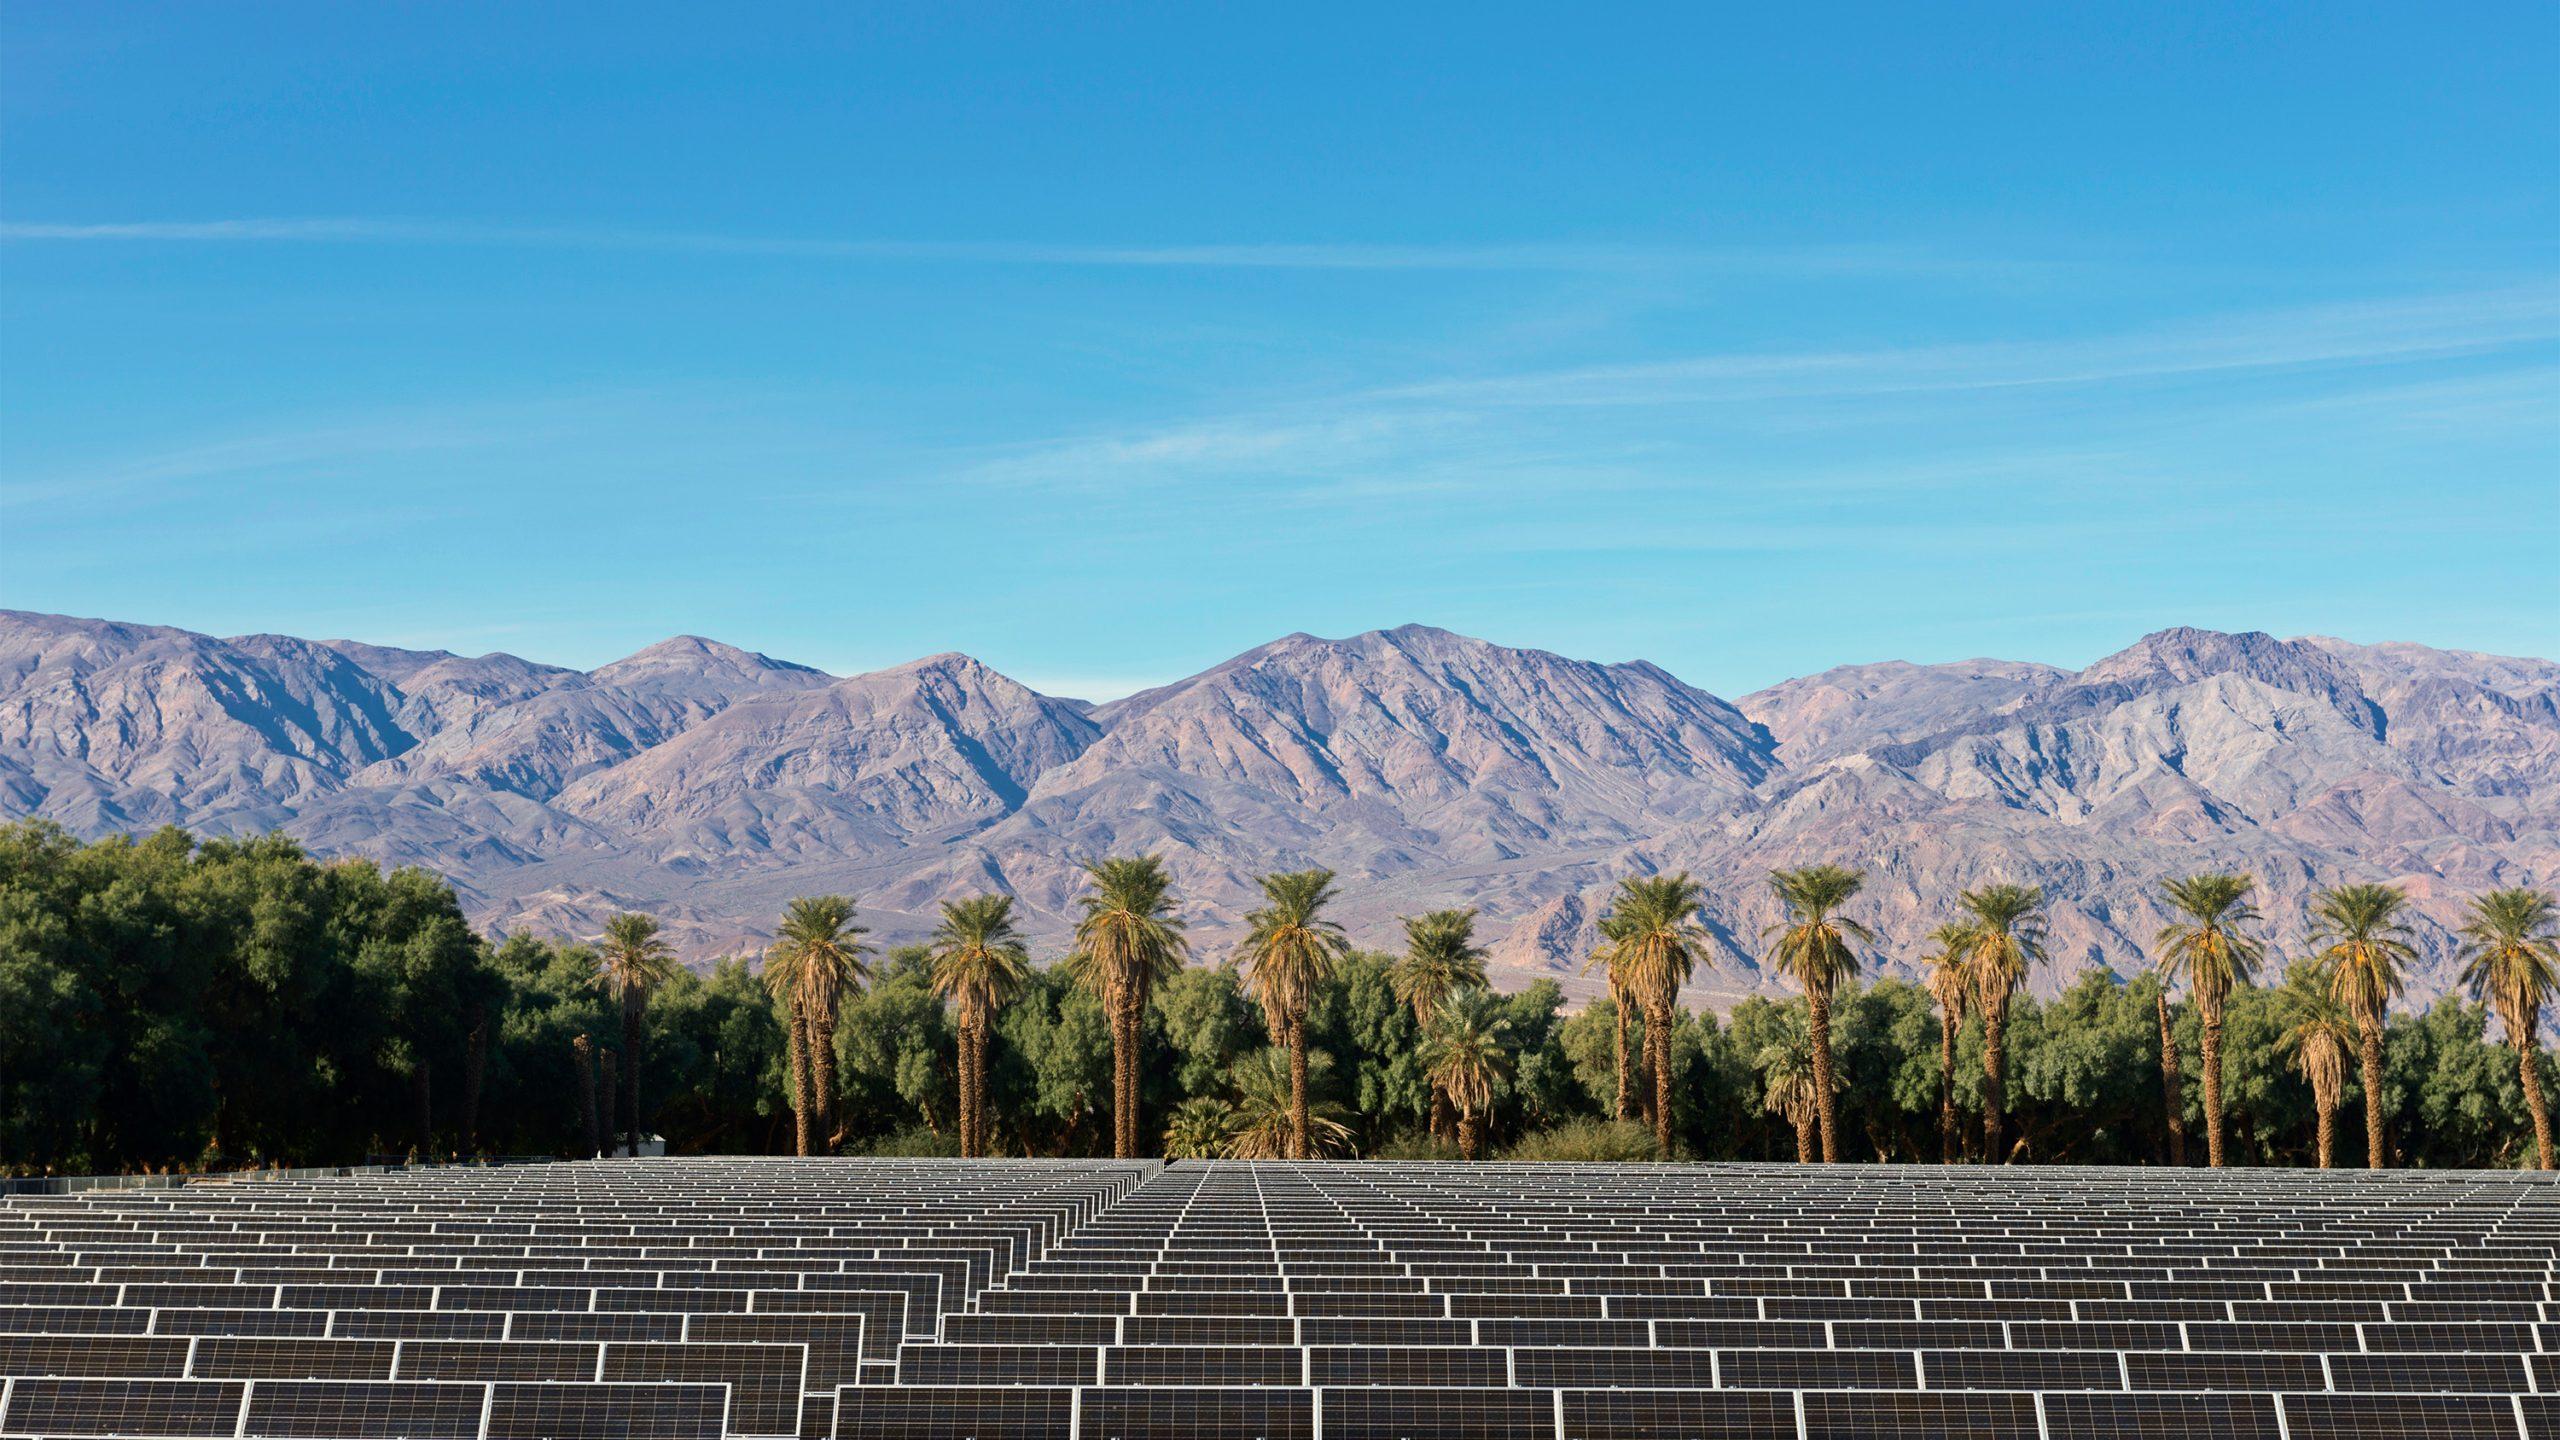 急成長の太陽光発電に迫る 「不都合な真実」